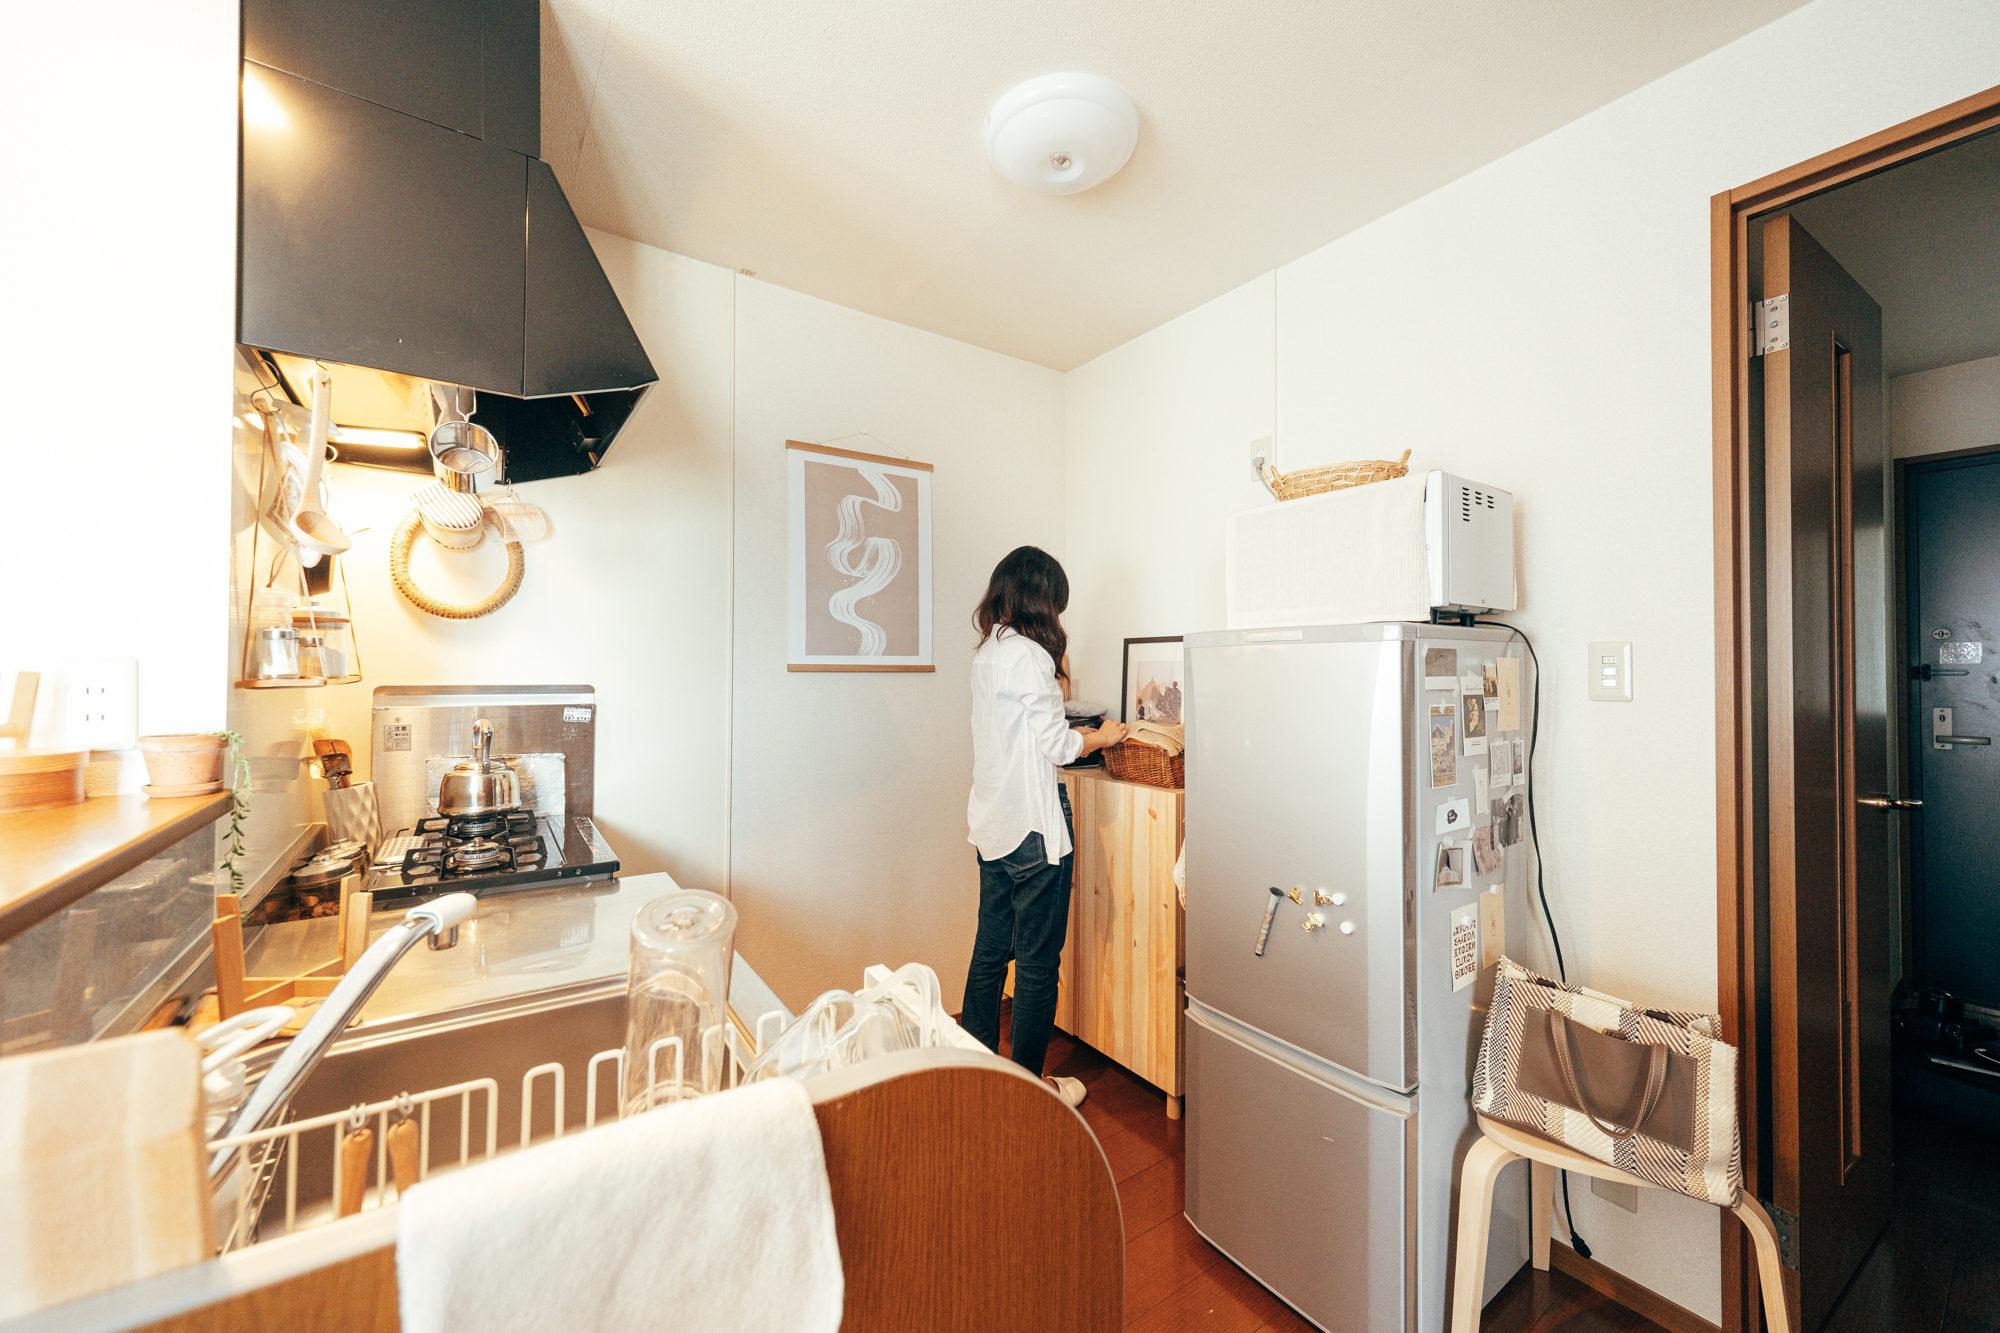 対面の食器棚はIKEAのIVARシリーズのキャビネットにホームセンターで購入した脚をつけて